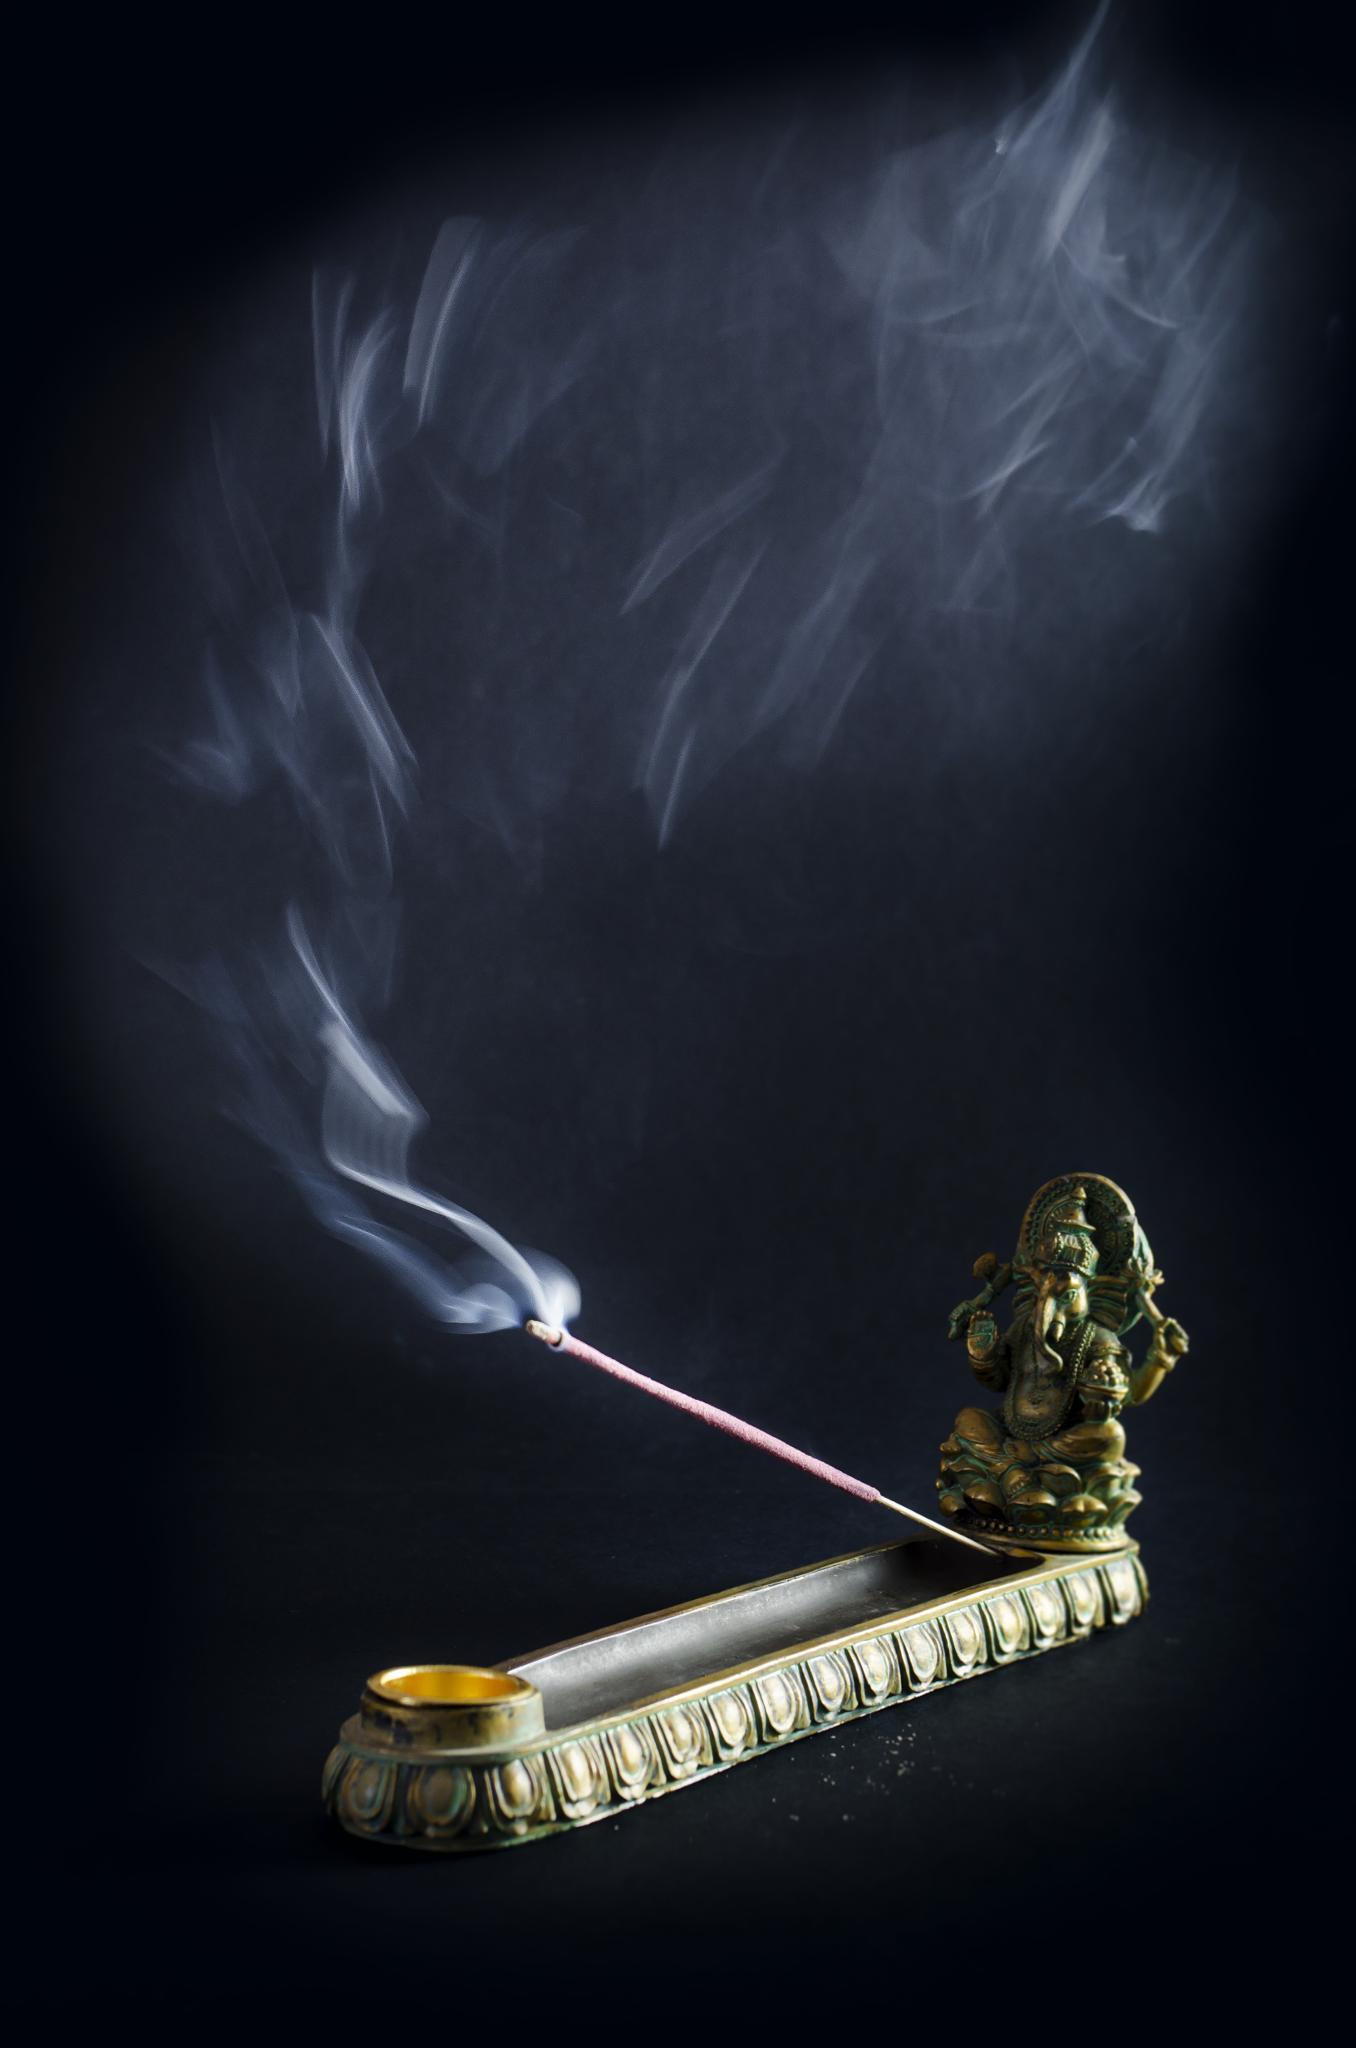 Incense & Light by Remo Fiore